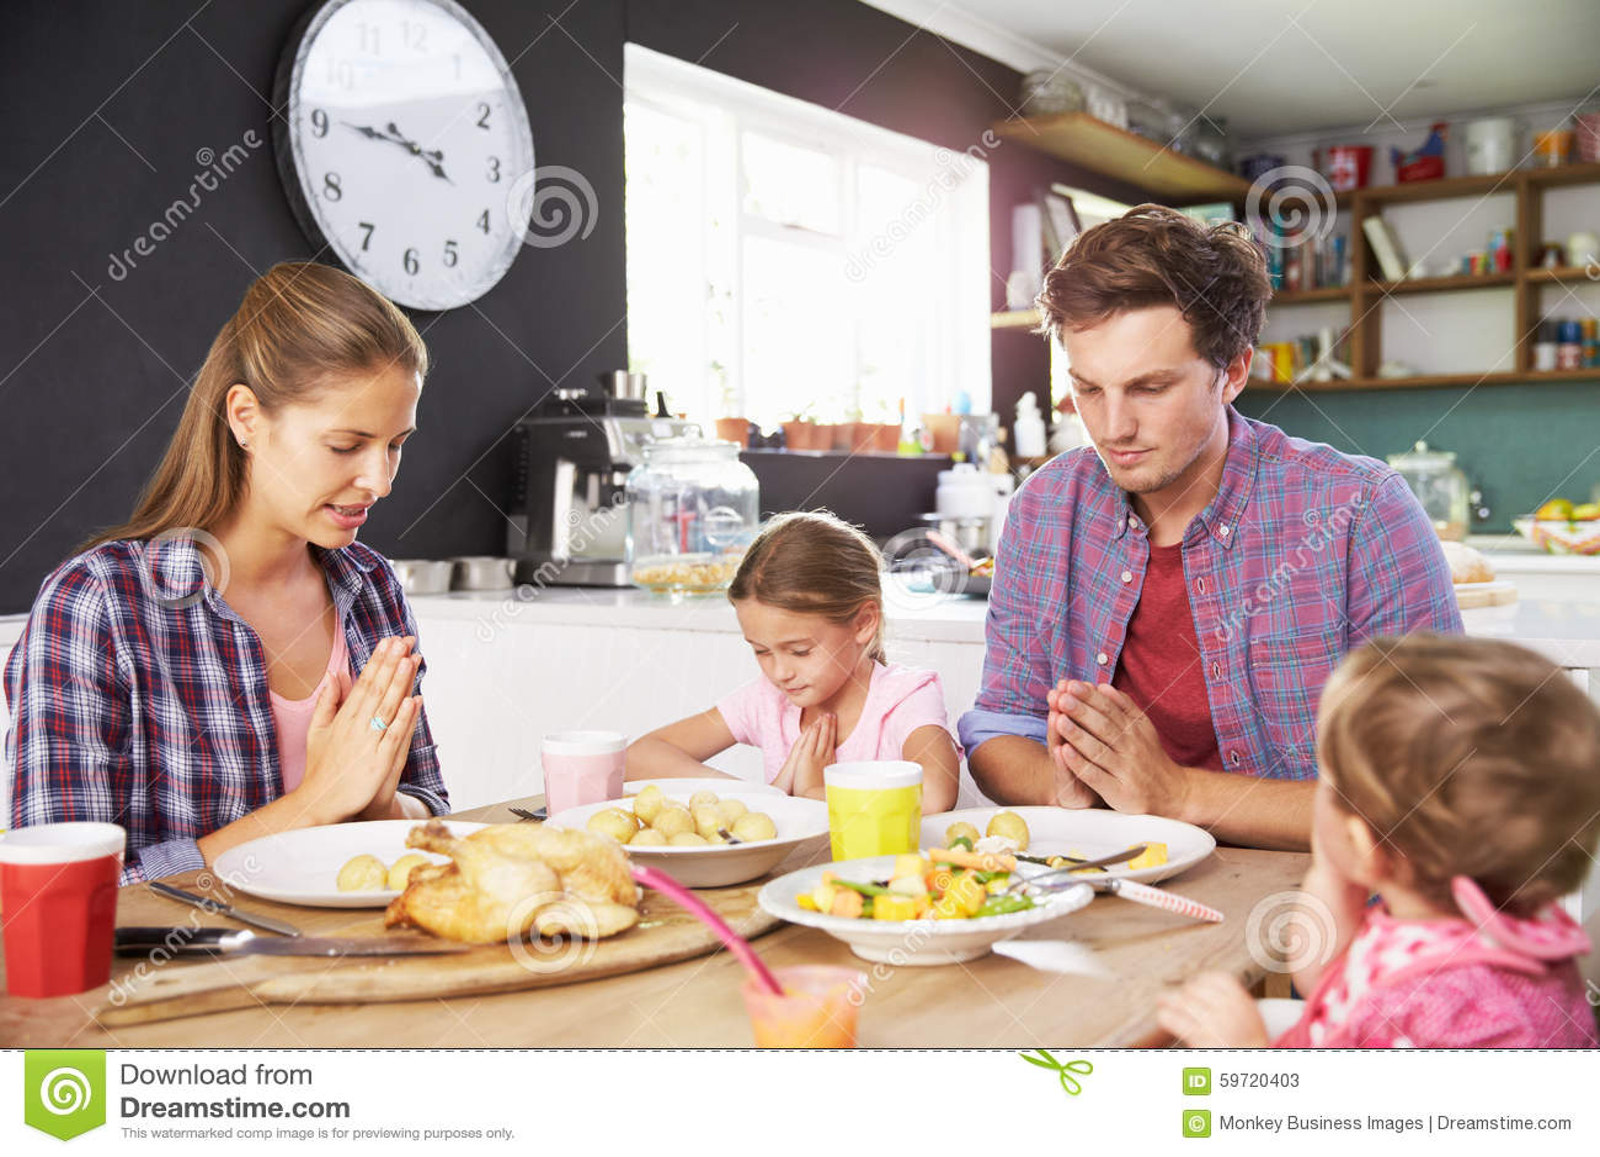 Famille disant la prière avant de manger le repas dans la cuisine ensemble